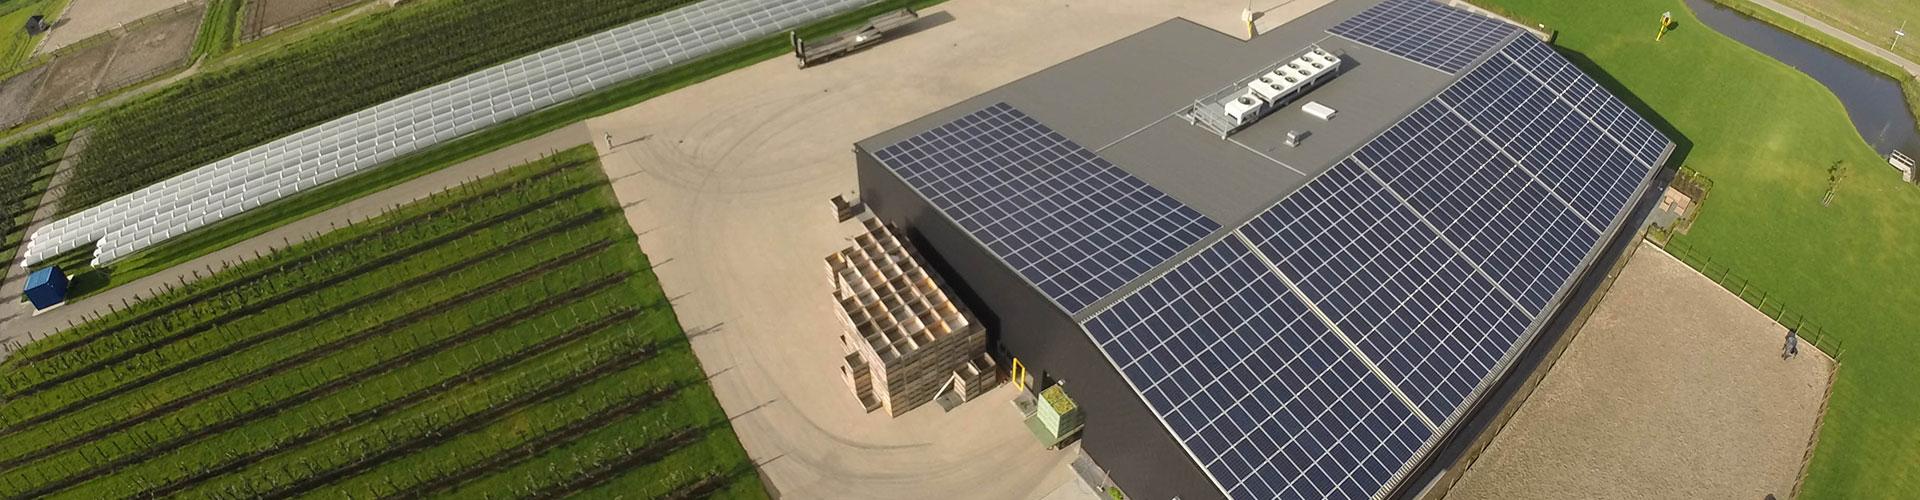 SolarComfort - Voor een zonnige toekomst!